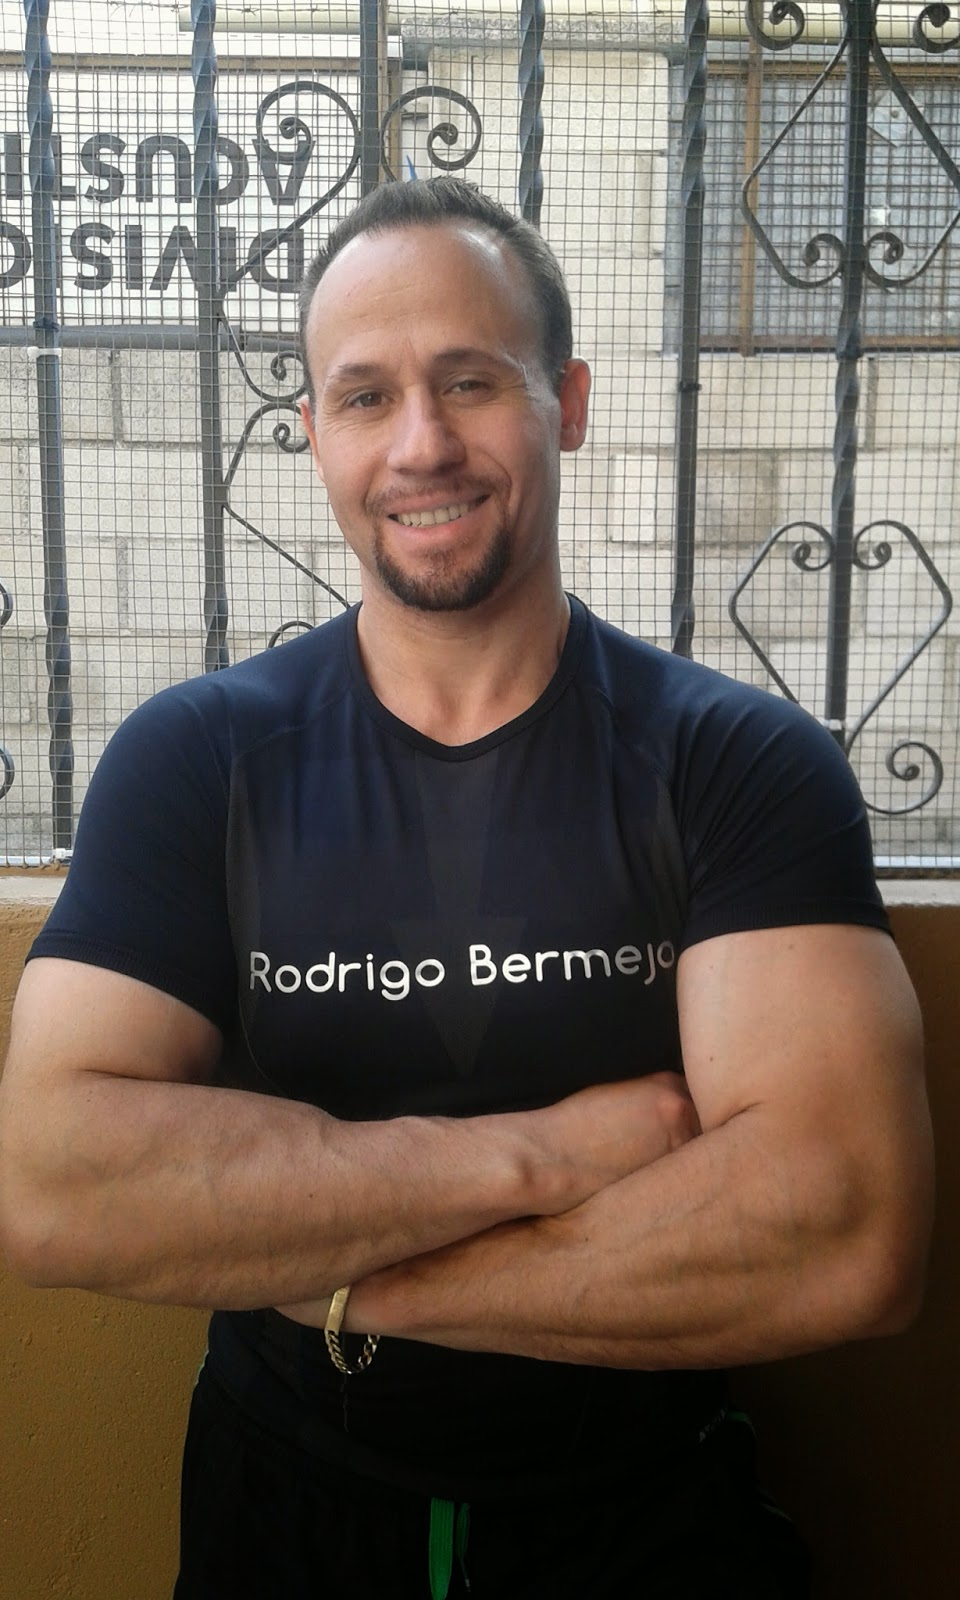 Entrenador personal en madrid y online rodrigo bermejo for Gimnasio hortaleza fitness